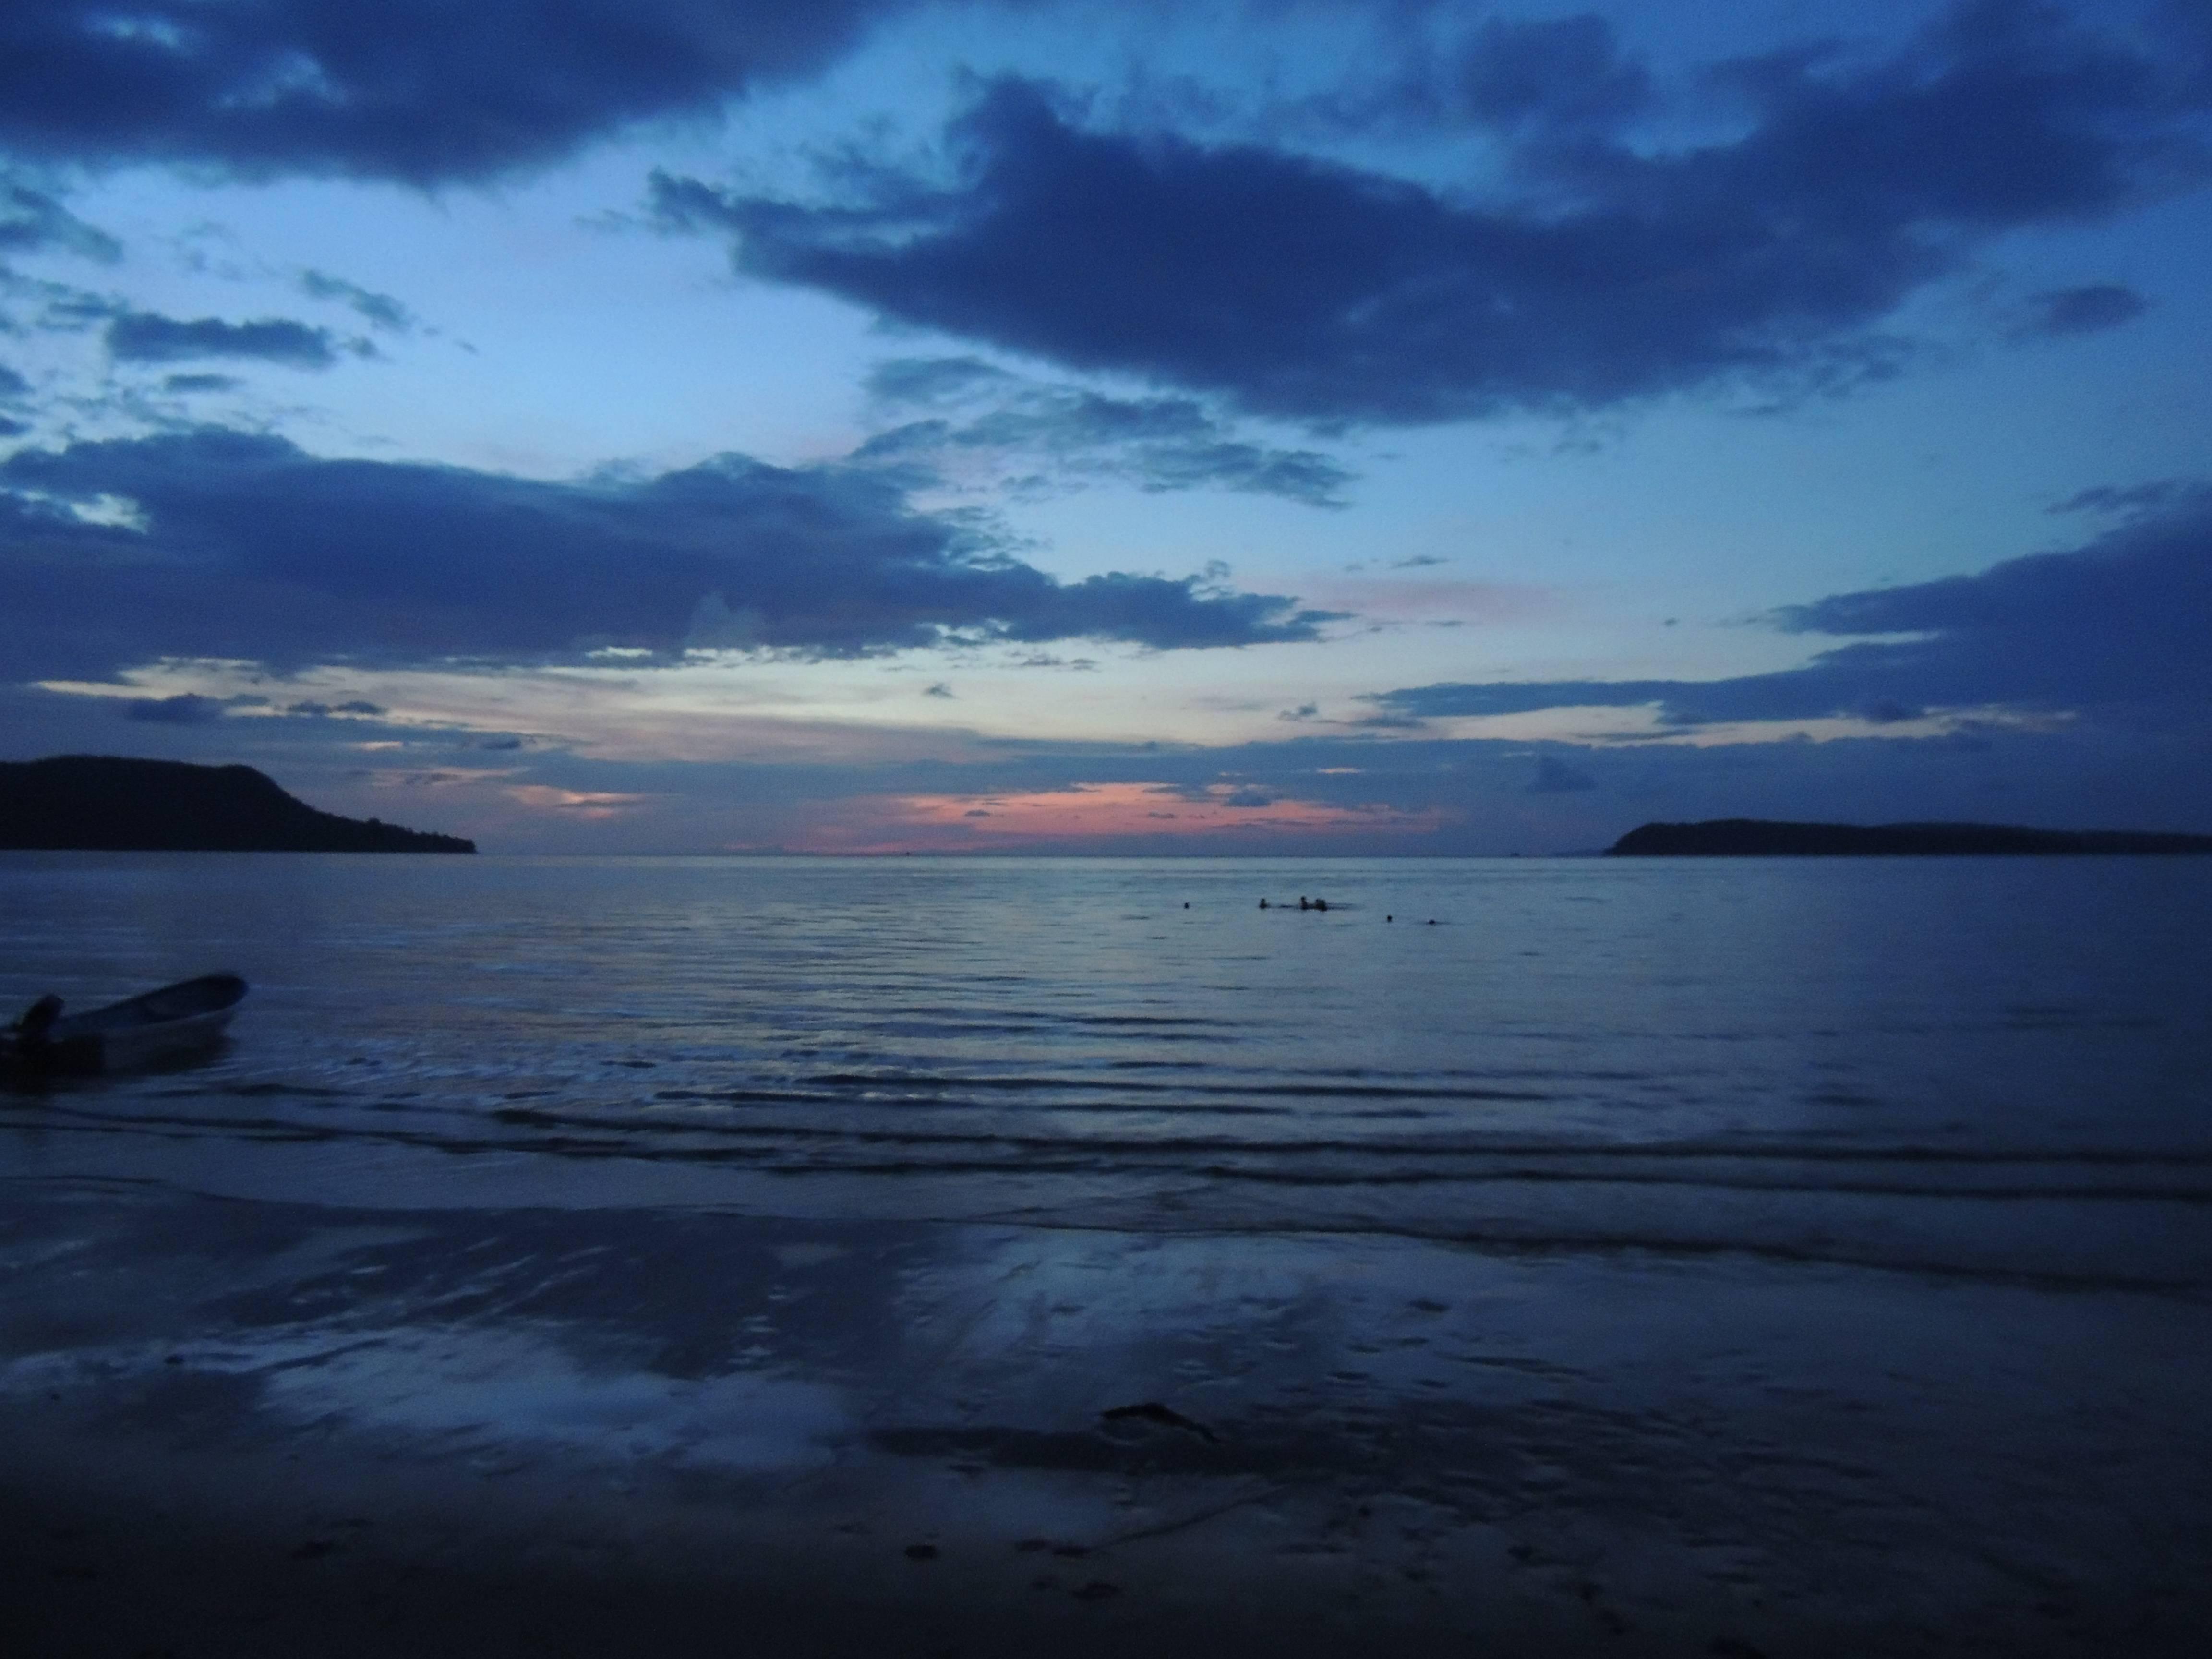 Photo 3: Koh Rong _ L'ile paradisiaque qui vous envoie en marge du monde entier